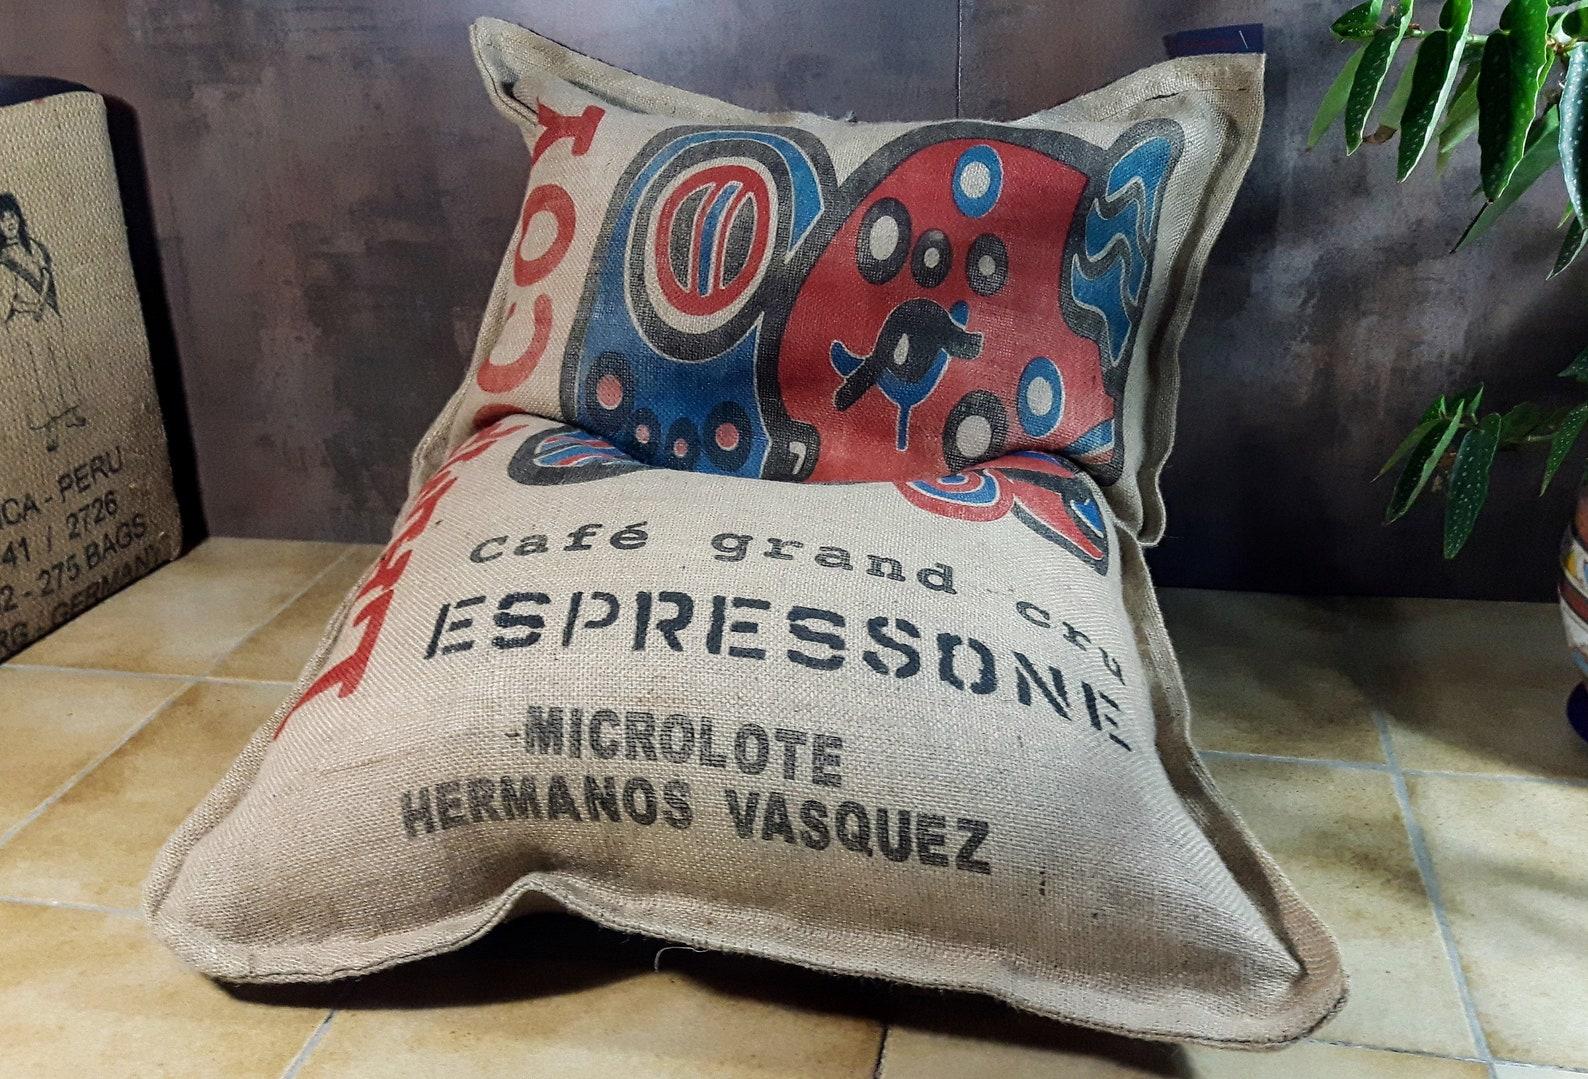 Sitzkissen aus Kaffeesaecken